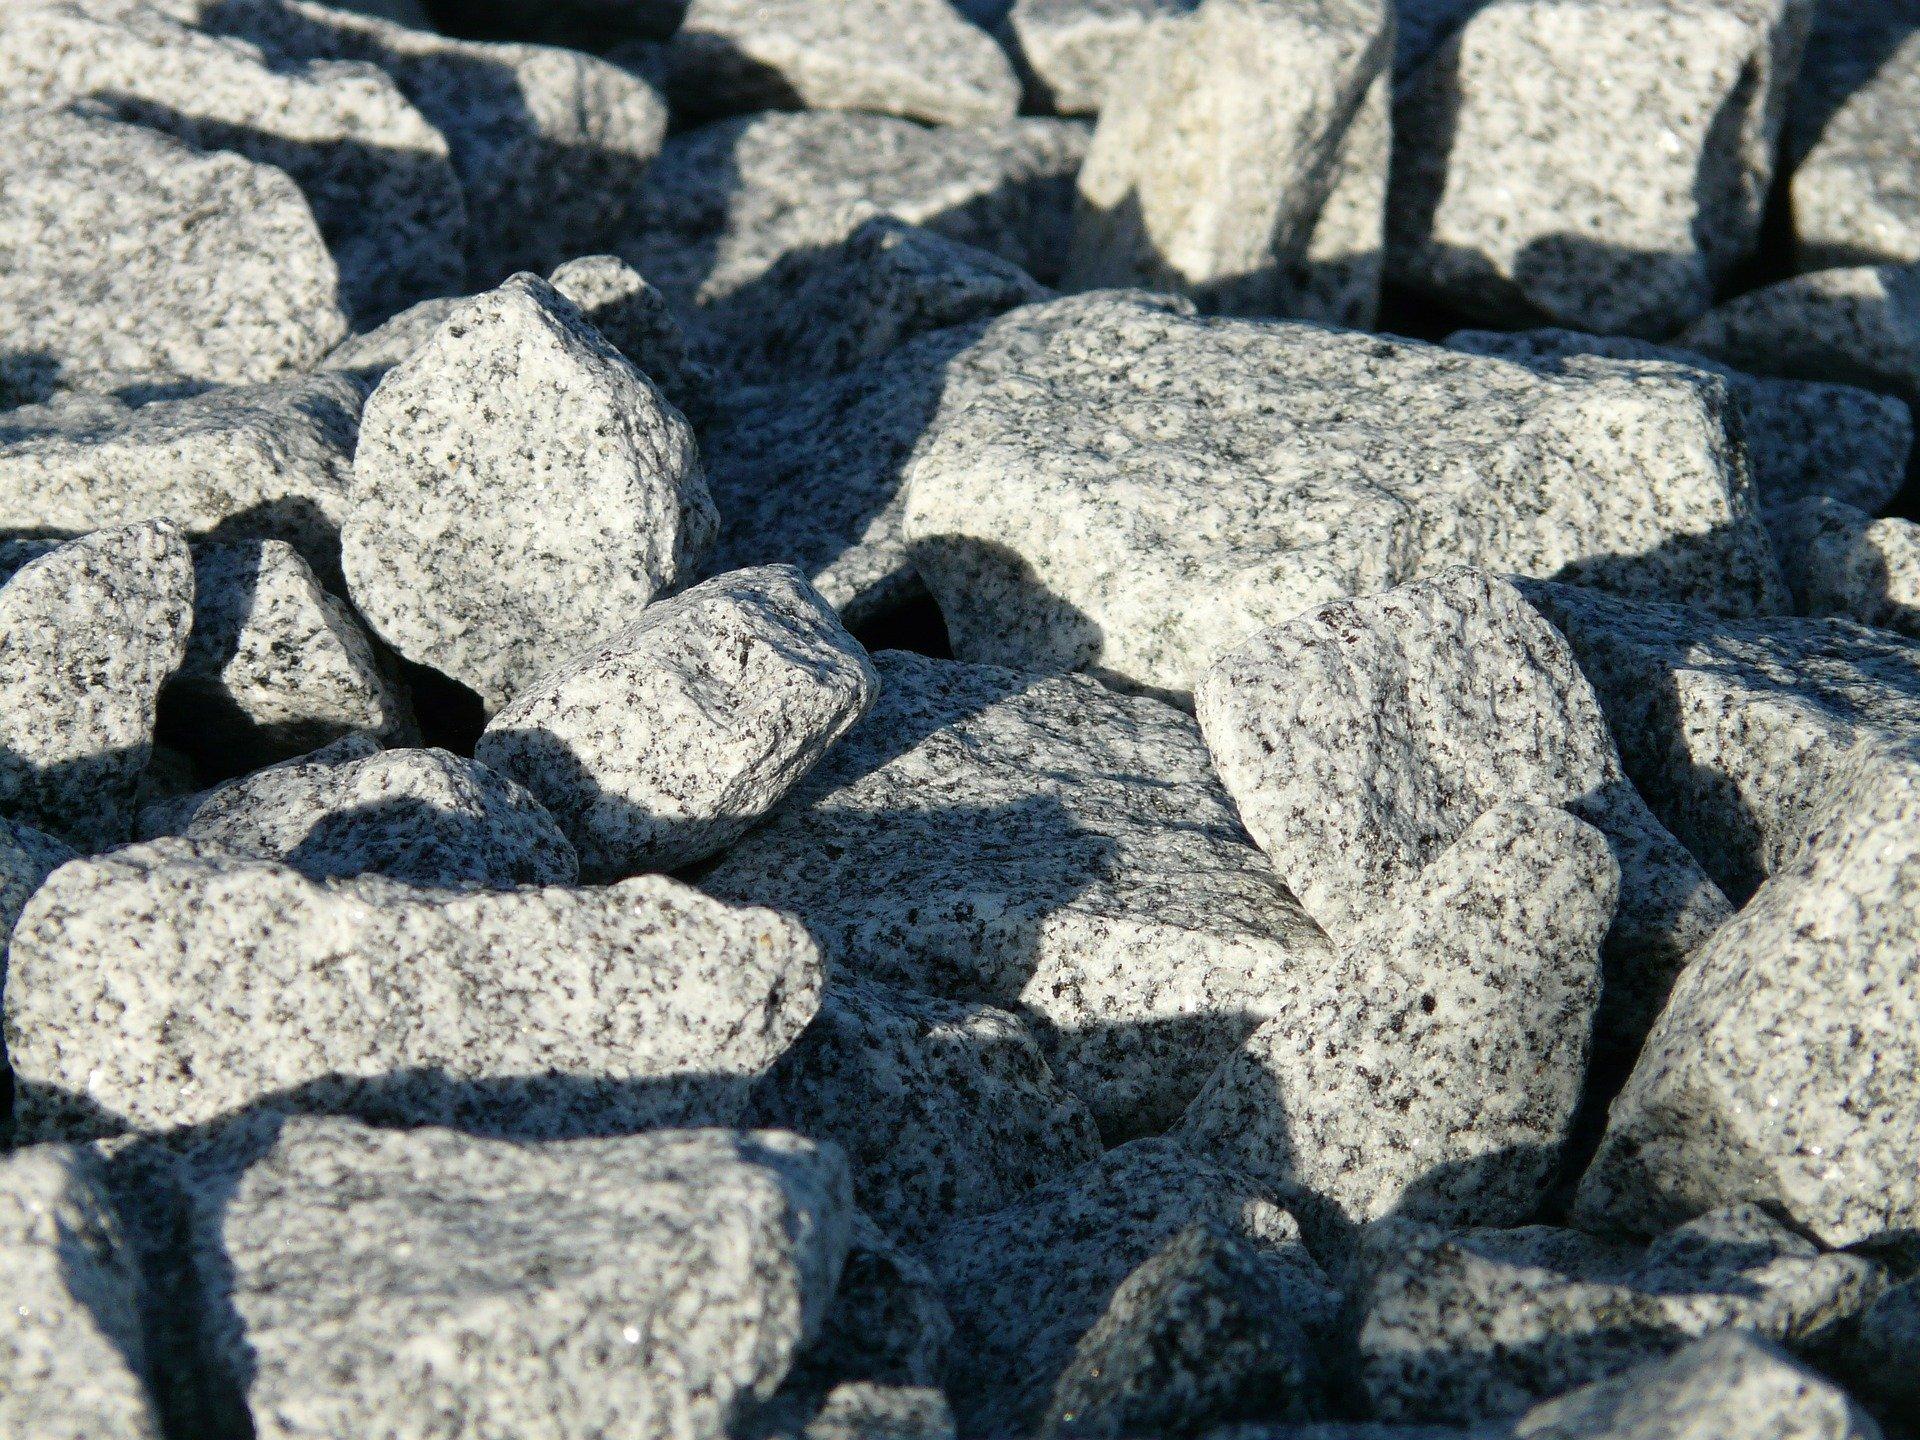 Kamień naturalny jest mocny